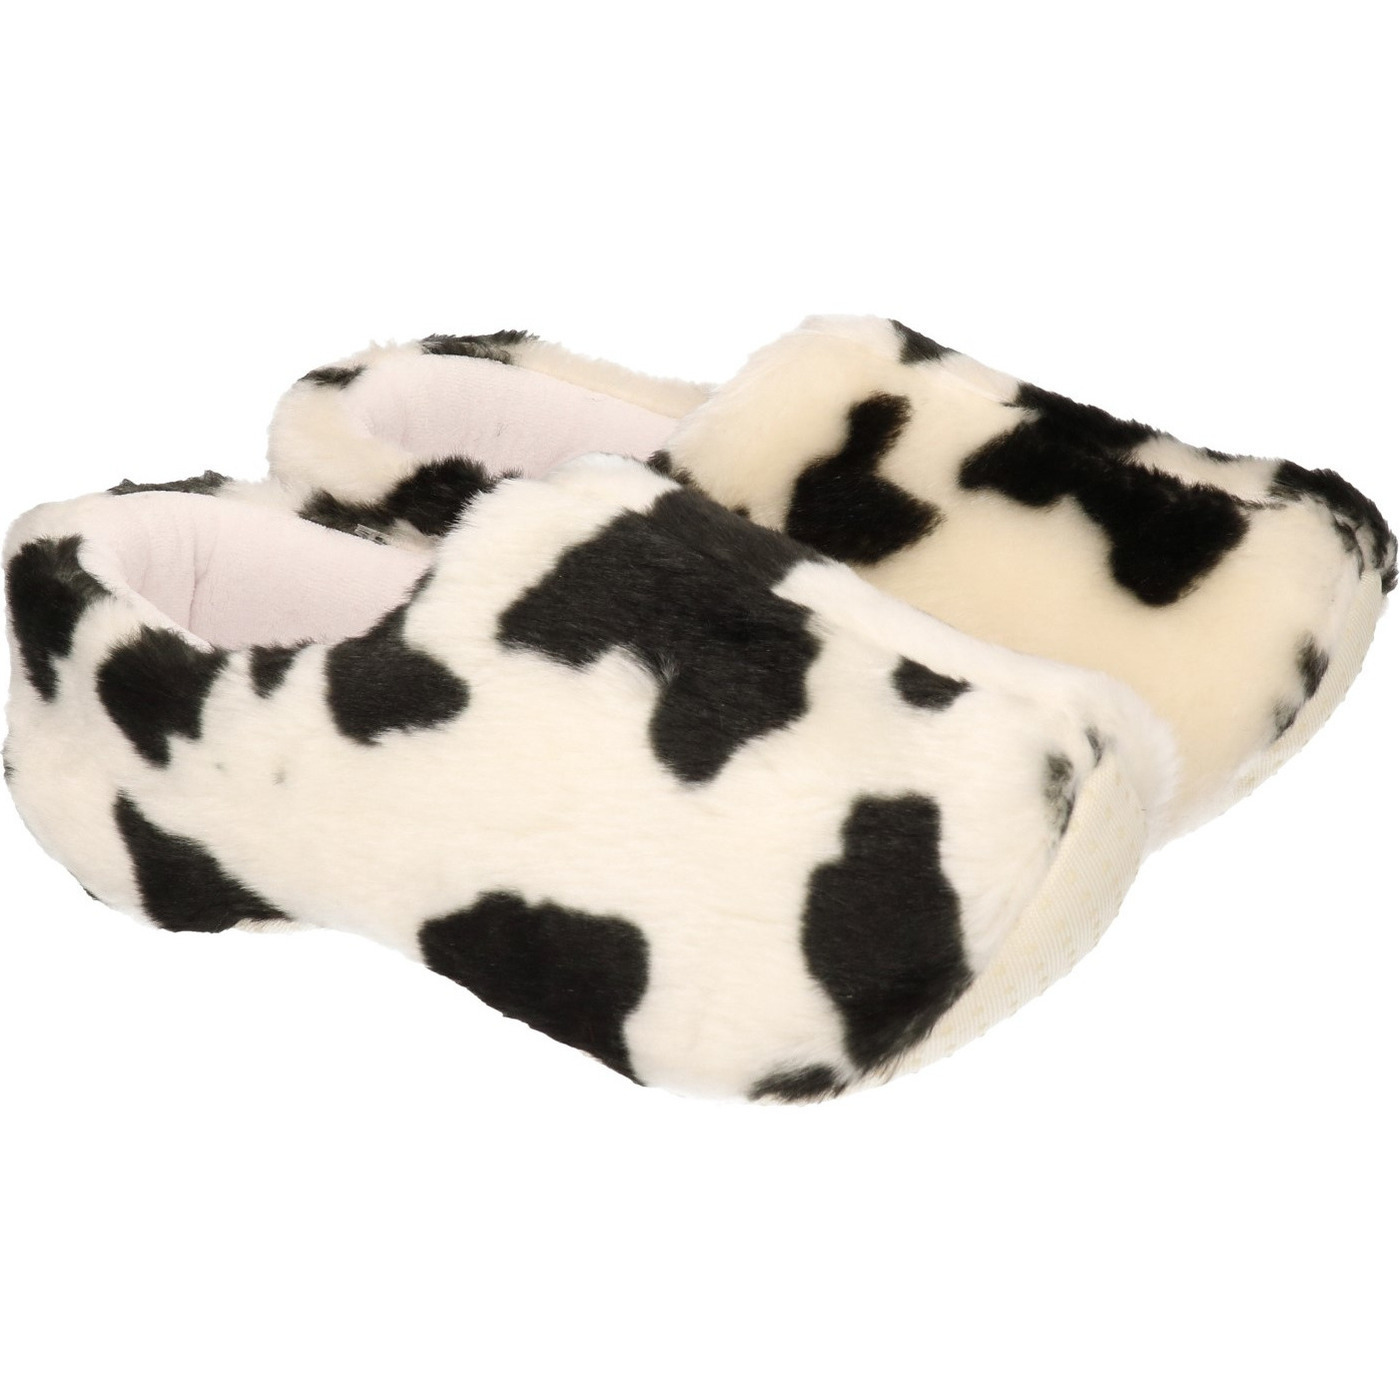 Pluche klompen pantoffels/sloffen met koeien print voor dames/volwassenen